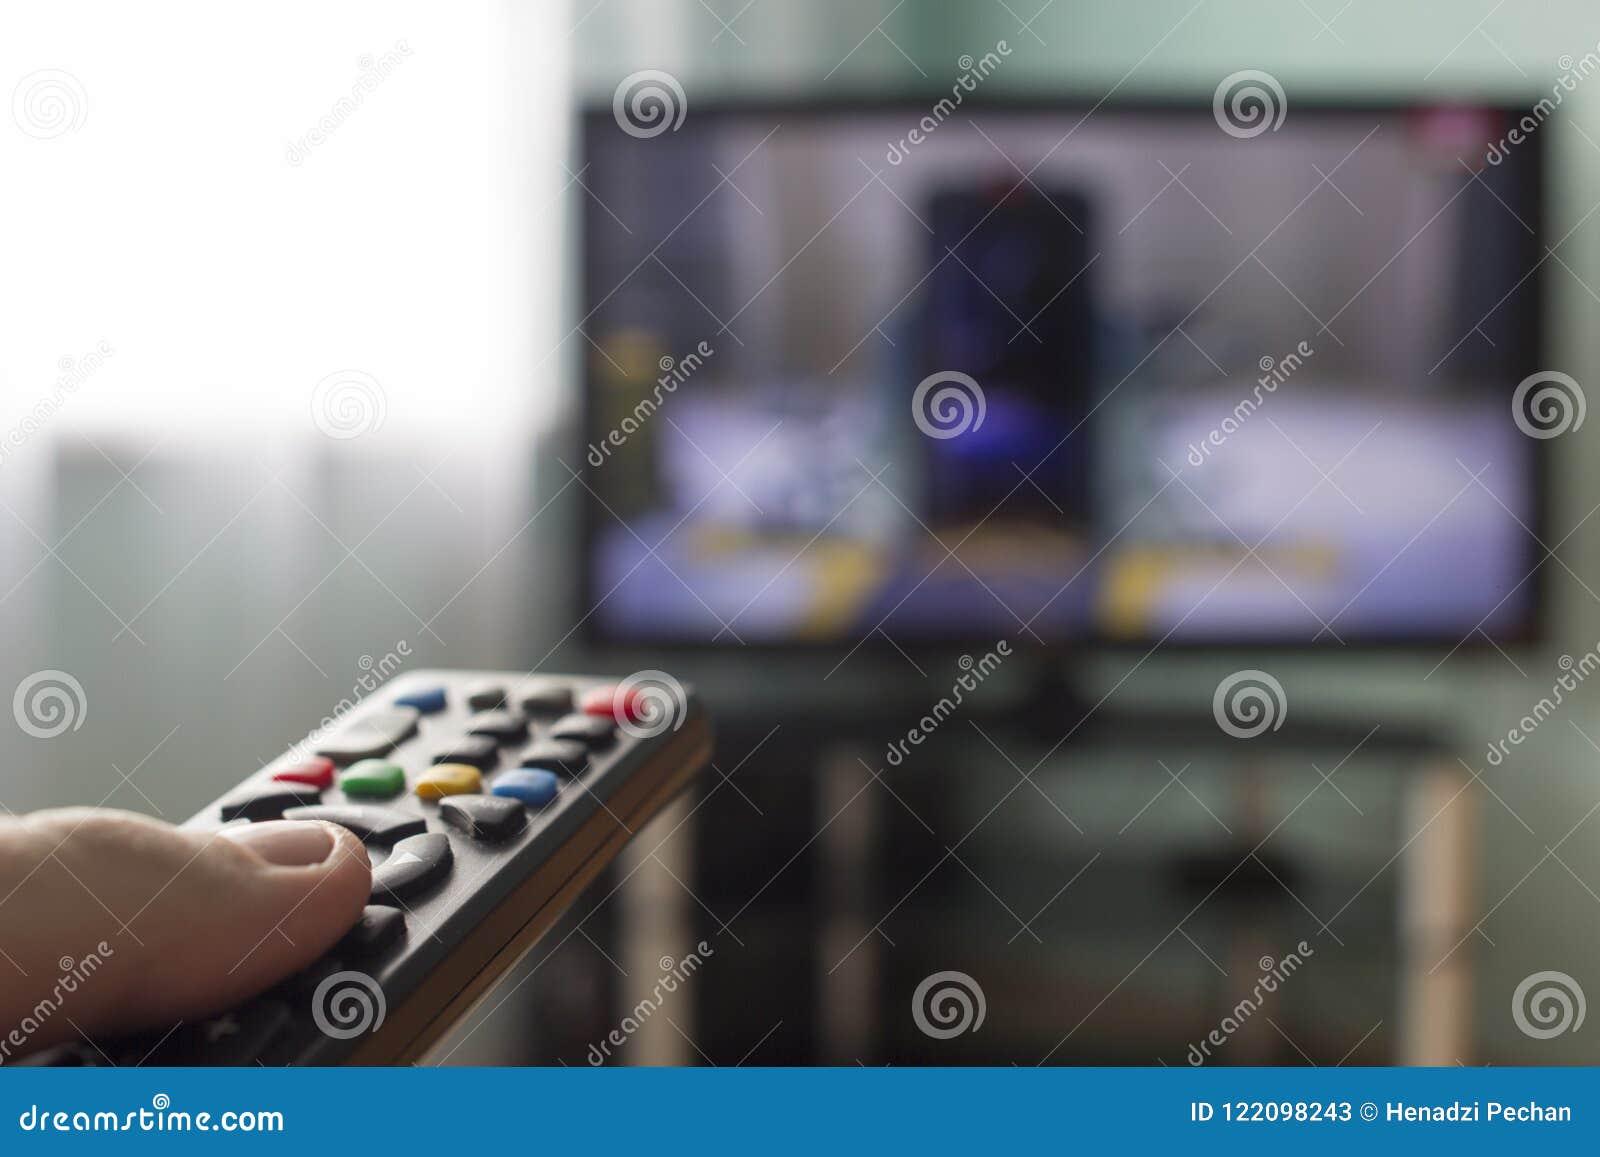 In de handen van ver van TV, op de achtergrond komt de TV-televisie